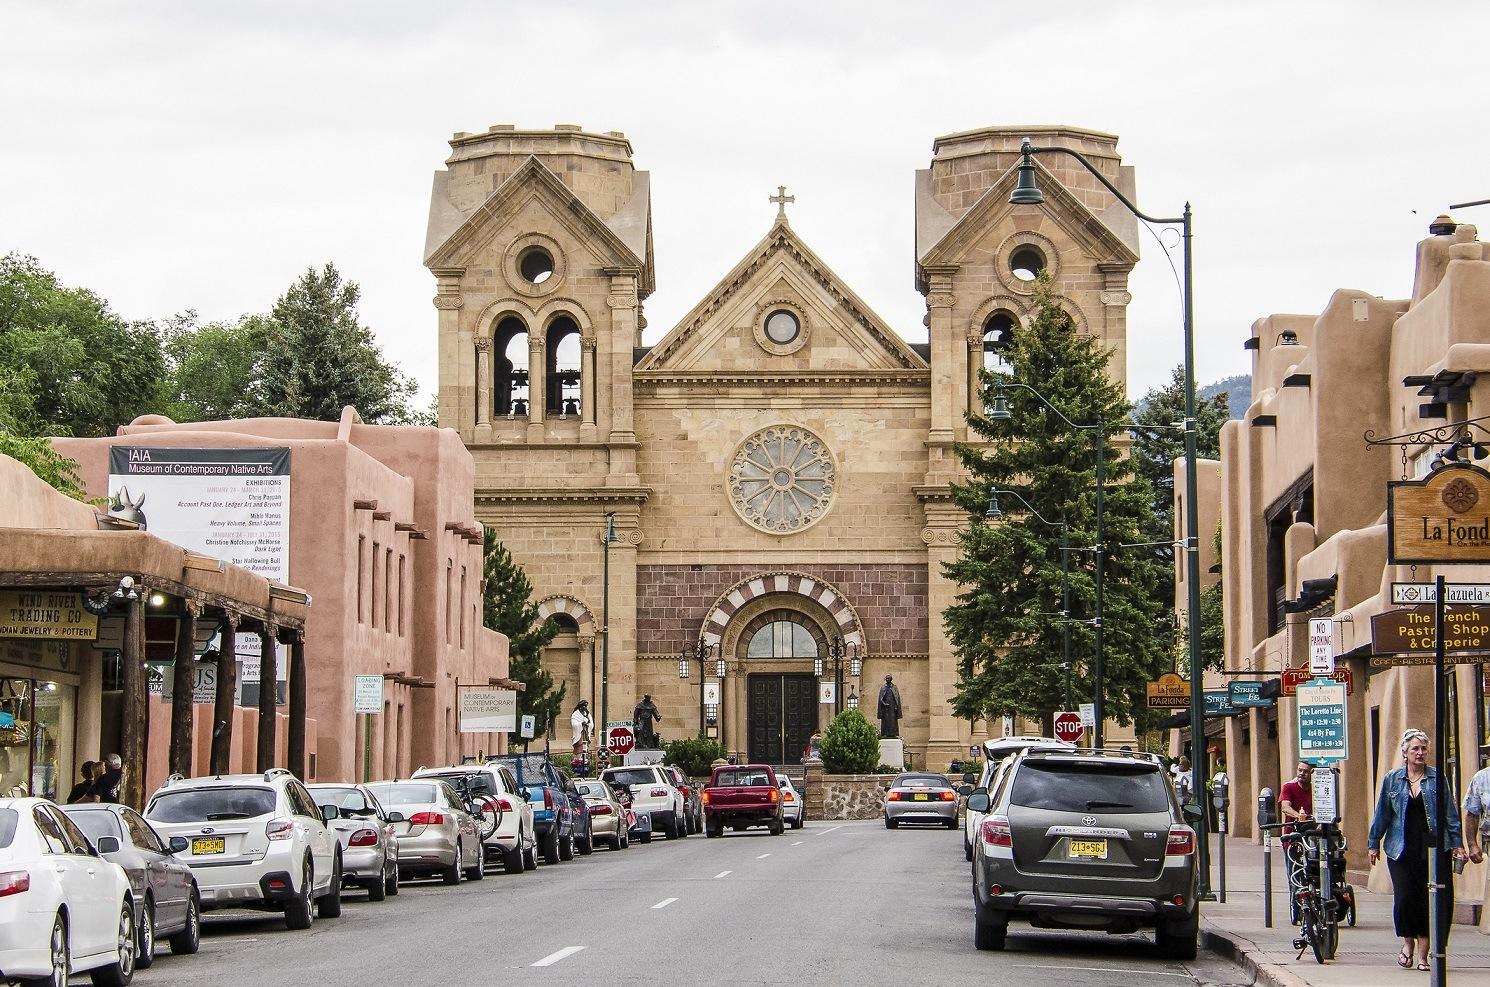 Santa Fe, New Mexico church